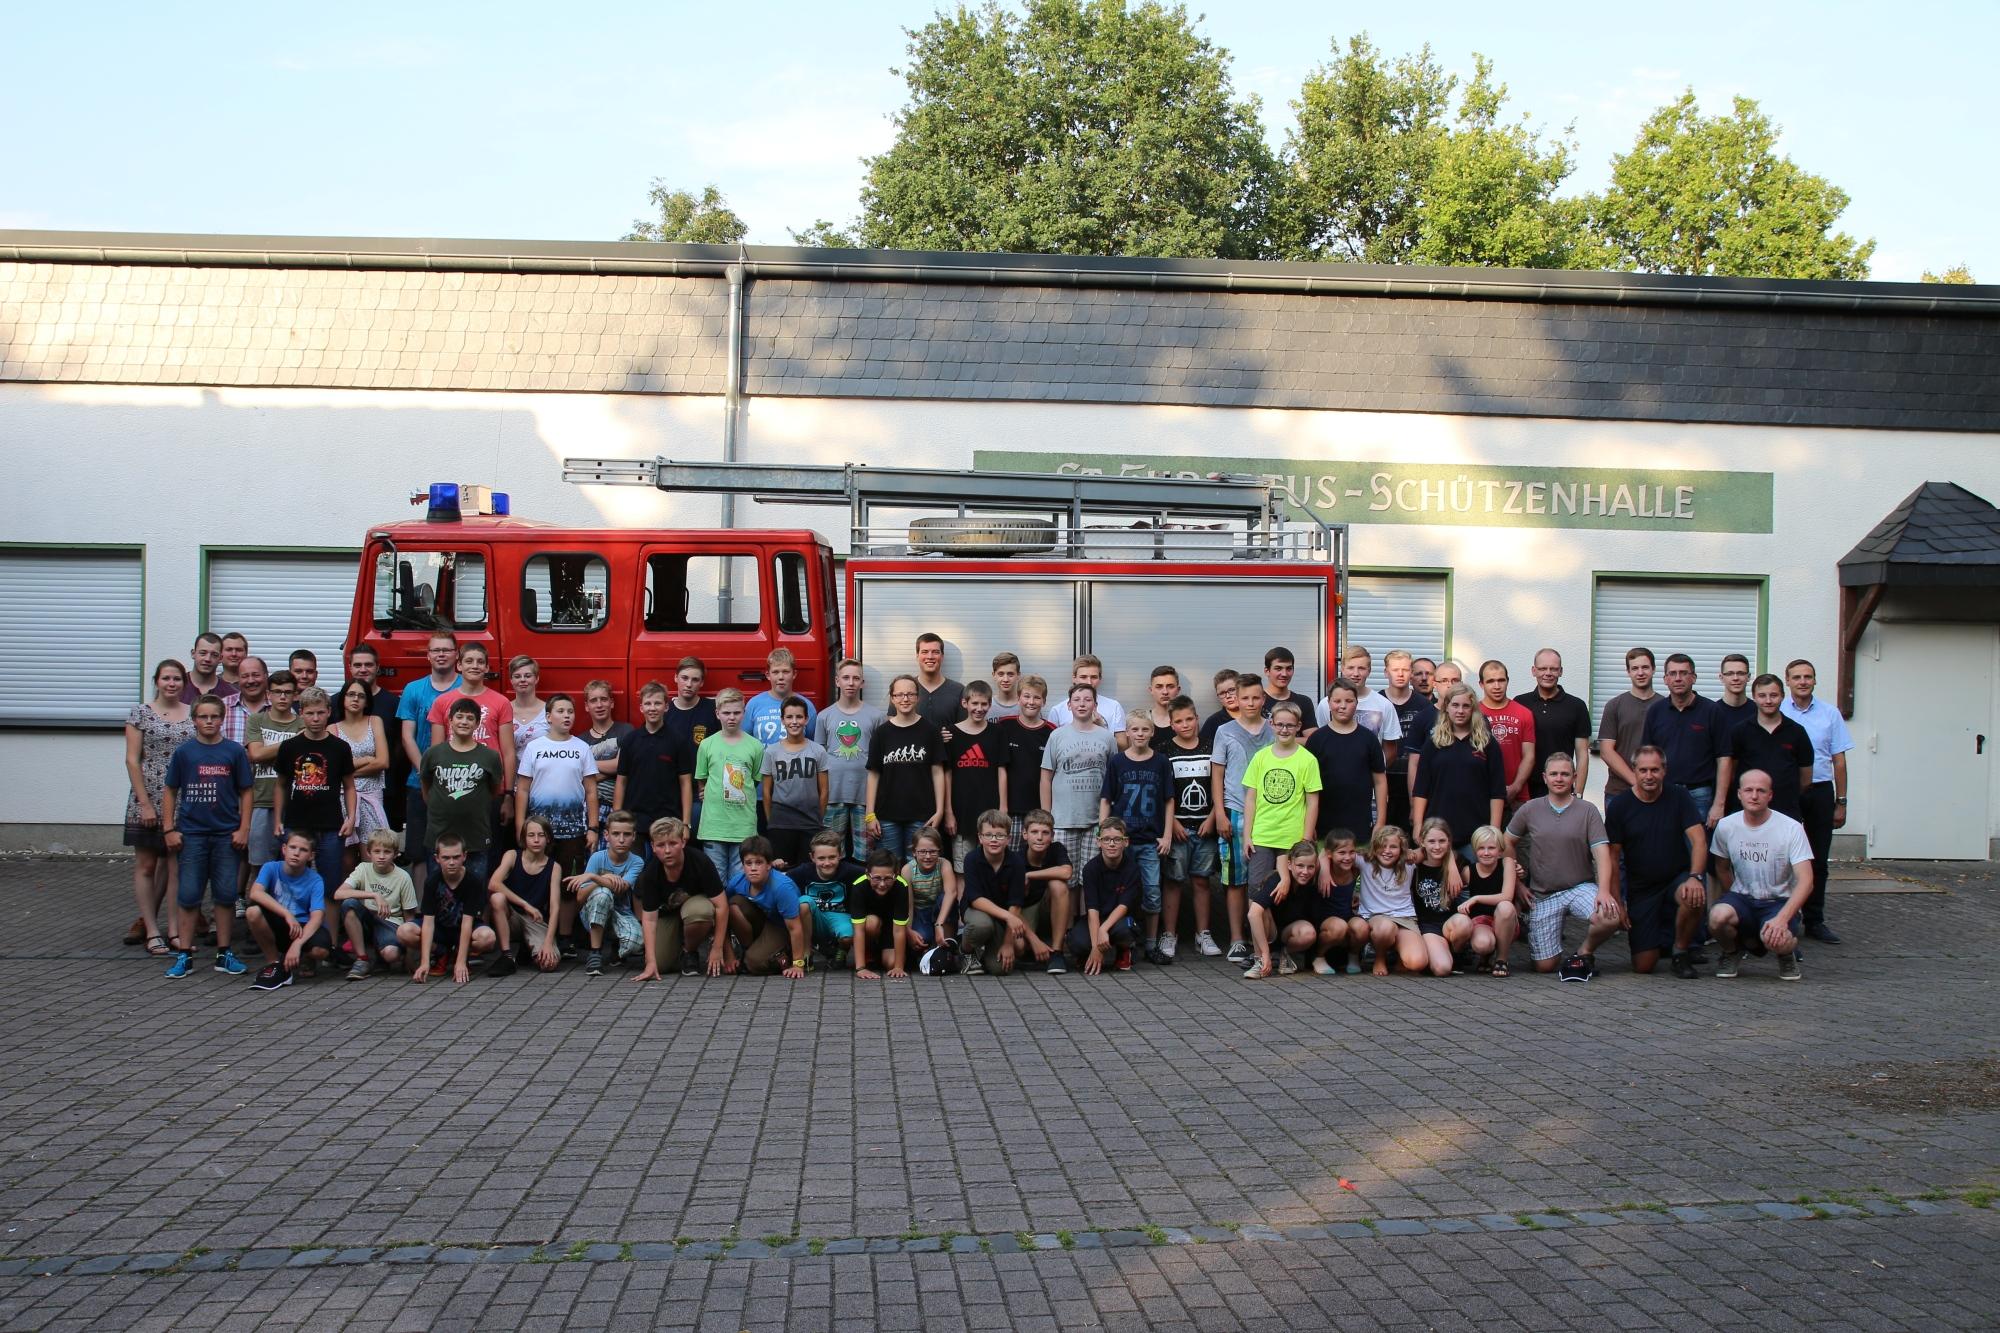 jf_eversberg-wehrstapel/2016_Sommerlager.jpg